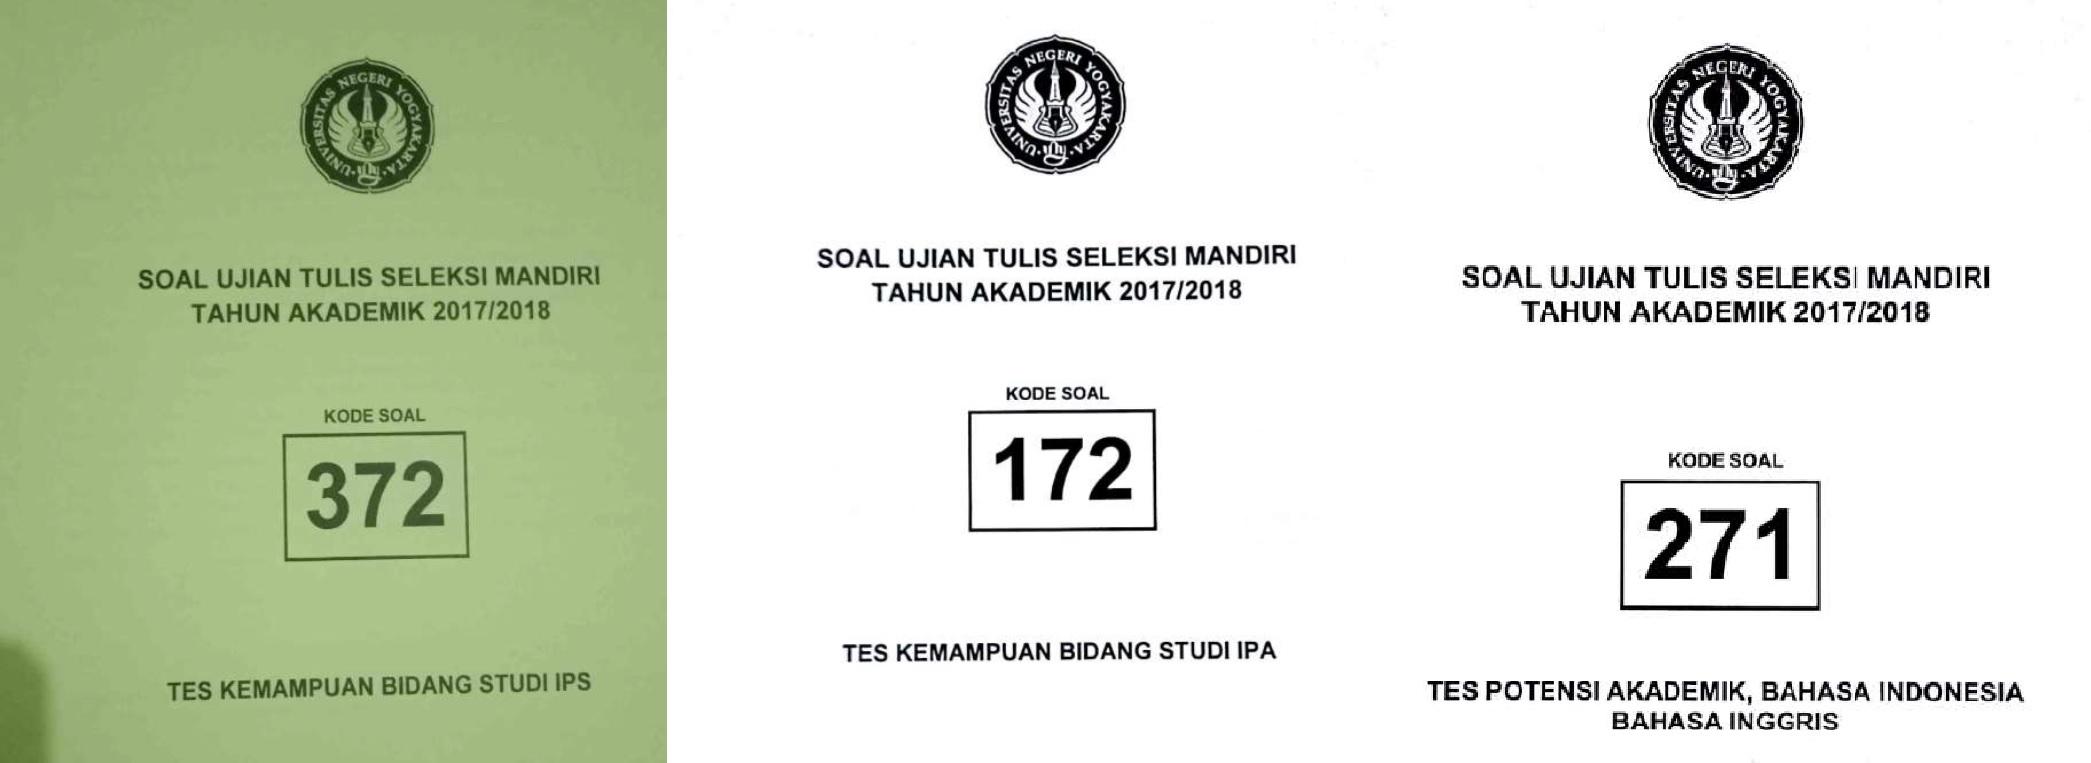 Kumpulan Soal Seleksi Mandiri Universitas Negeri Yogyakarta (SM-UNY)